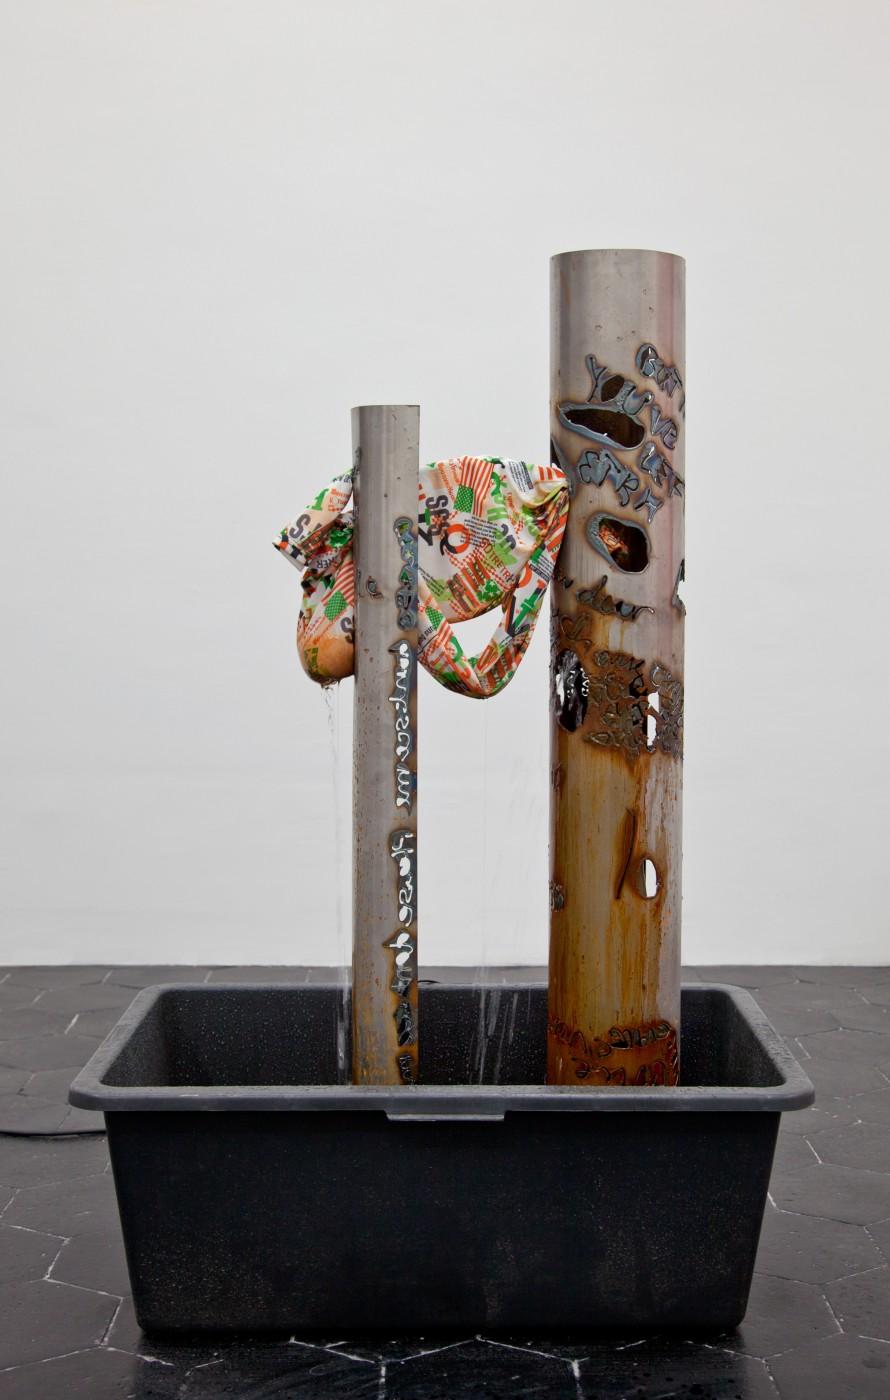 ♥ Olga Balema,  Untitled , 2013   Fabric, plastic tub, pump, steel, water   150 x 80 x 50 cm / 60 x 31 x 20 in OLGA BALEMA  DAVID DOUARD  ALLISON KATZ  BRADLEY KRONZ  TOM HUMPHRIES  HAN-CHRISTIAN LOTZ  LAURE PROUVOST